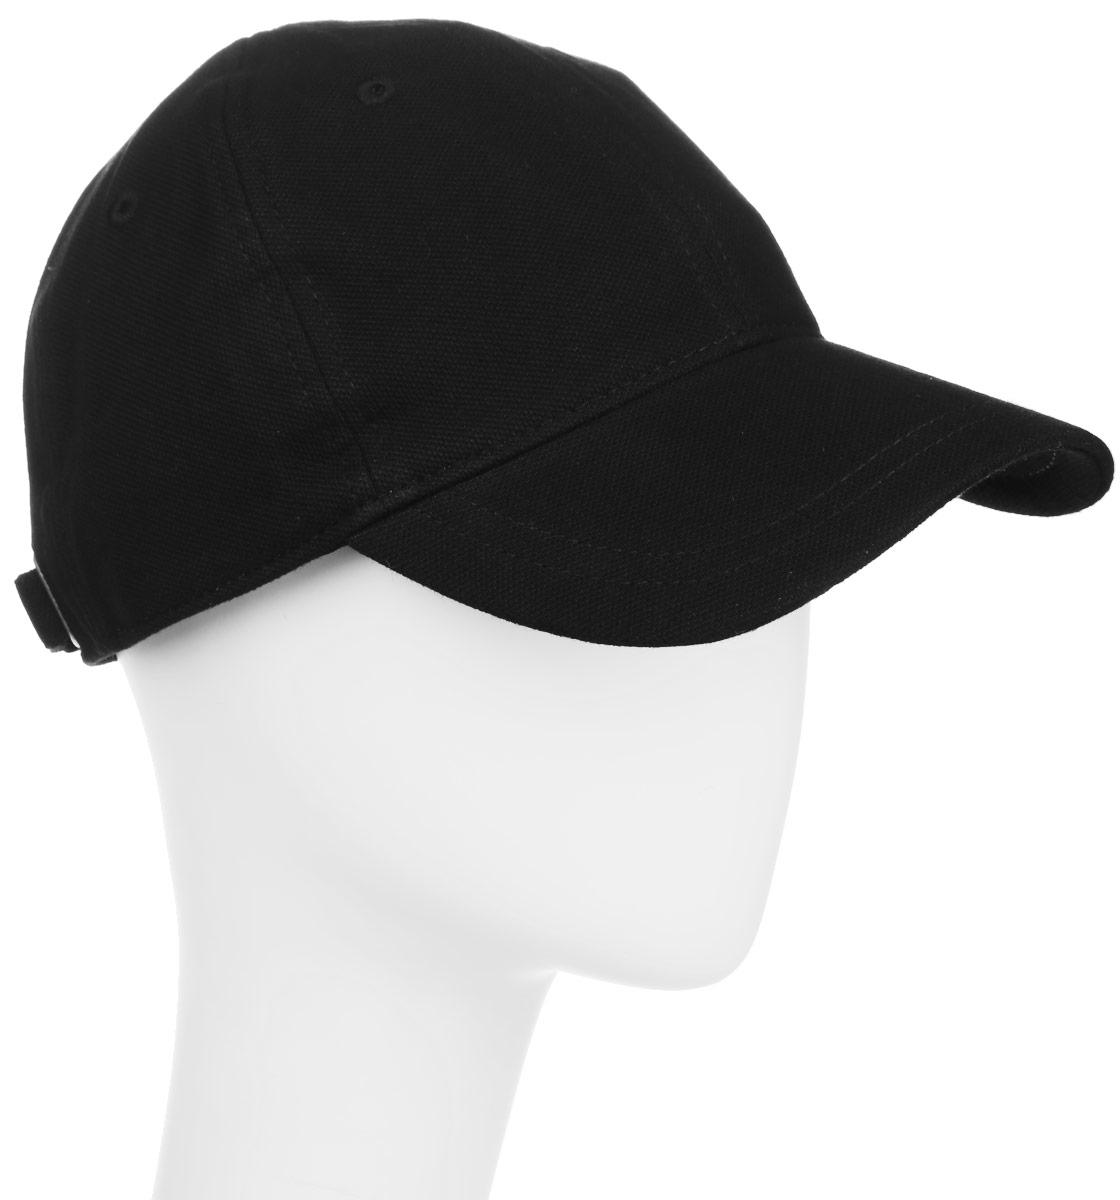 Бейсболка мужская Fred Perry Pique Classic Cap, цвет: черный. HW1610-102. Размер универсальныйHW1610-102